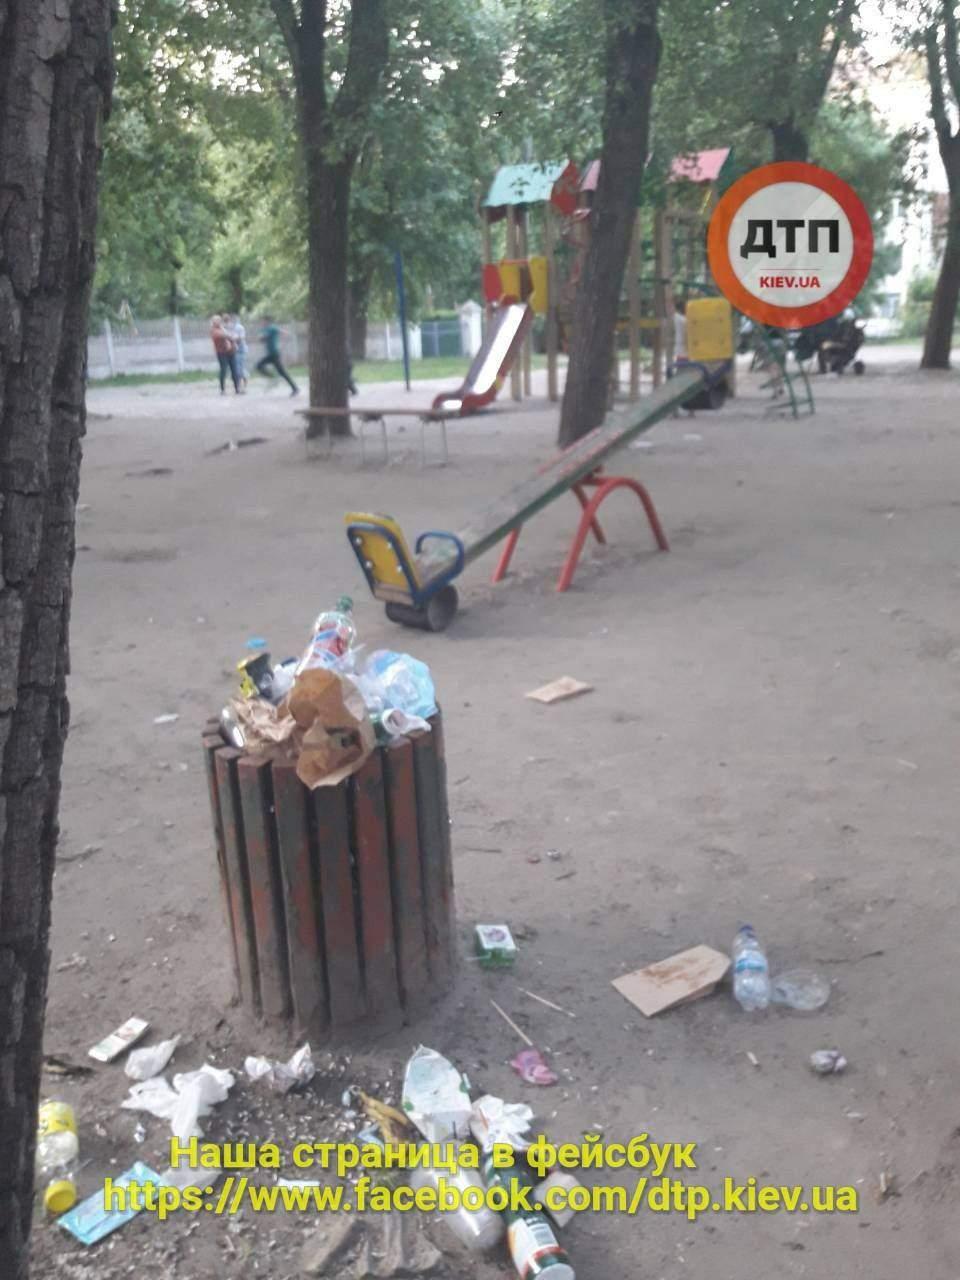 В Киеве территория детской площадки усыпана мусором (фото)